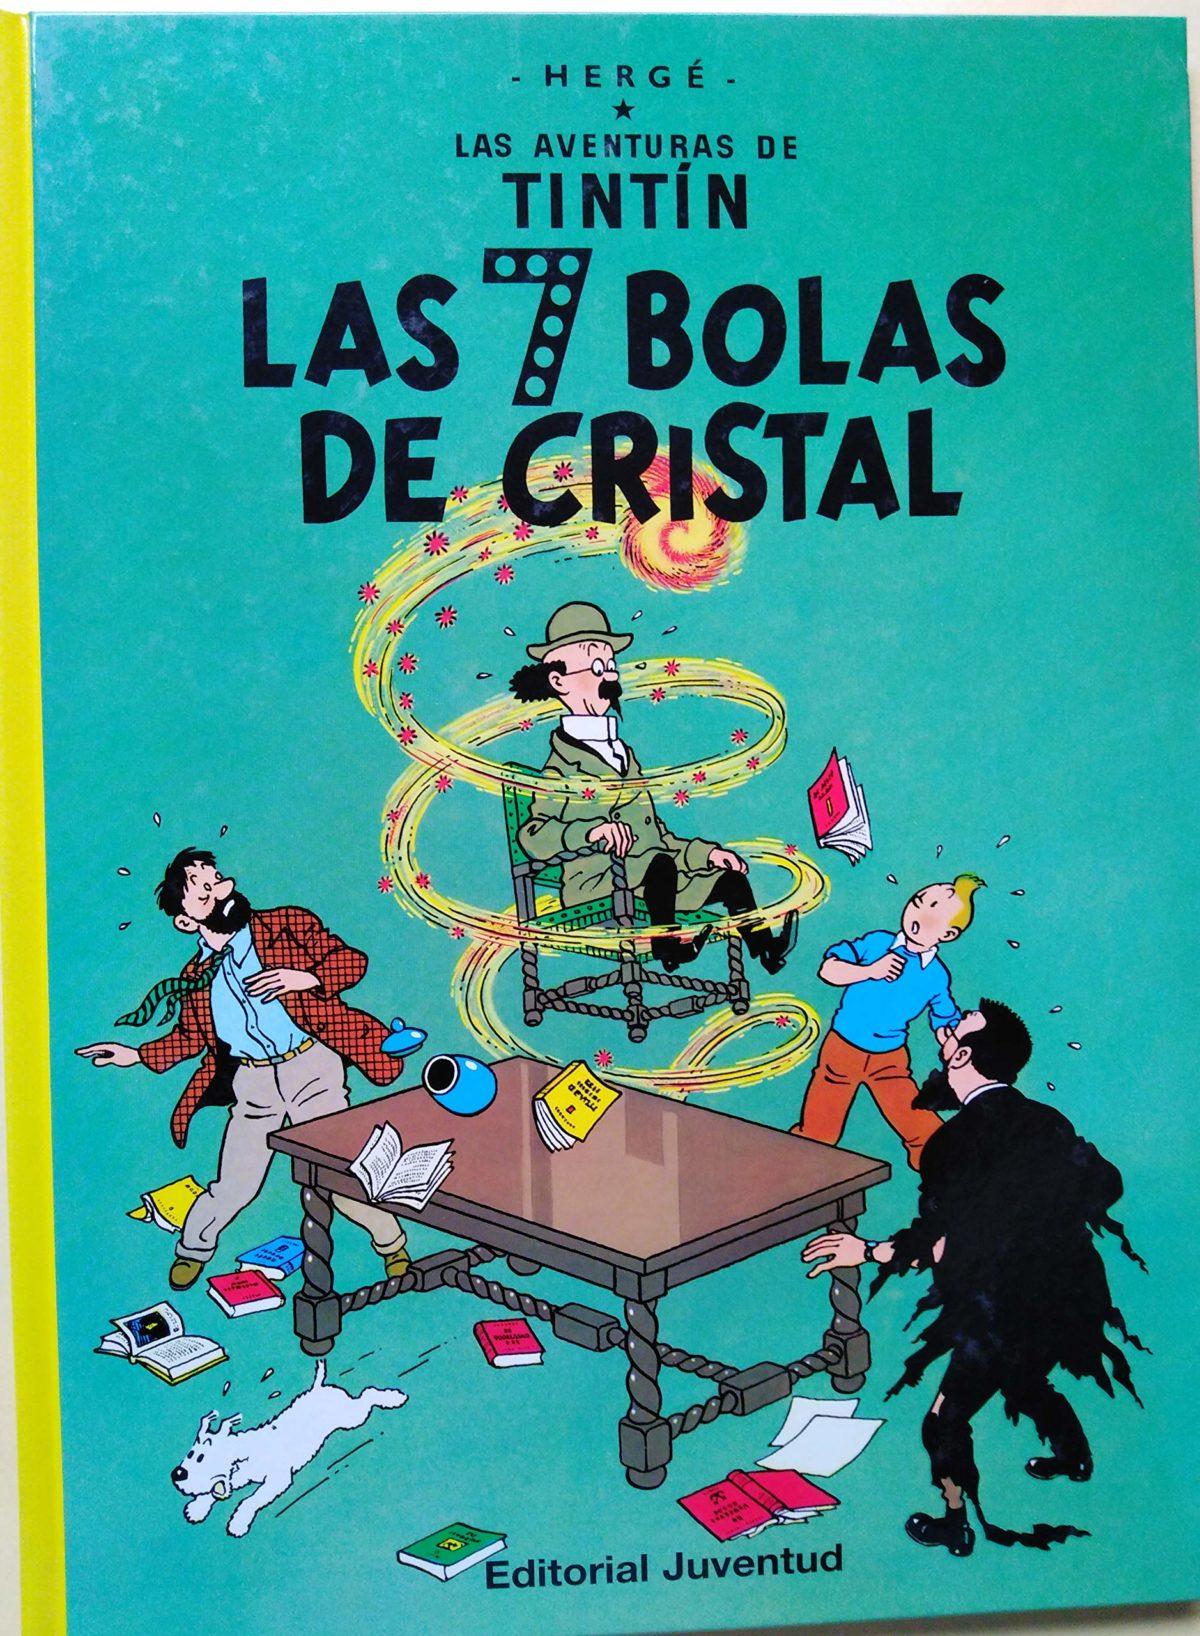 Las 7 bolas de cristal - Las Aventuras de Tintín (Cartoné)